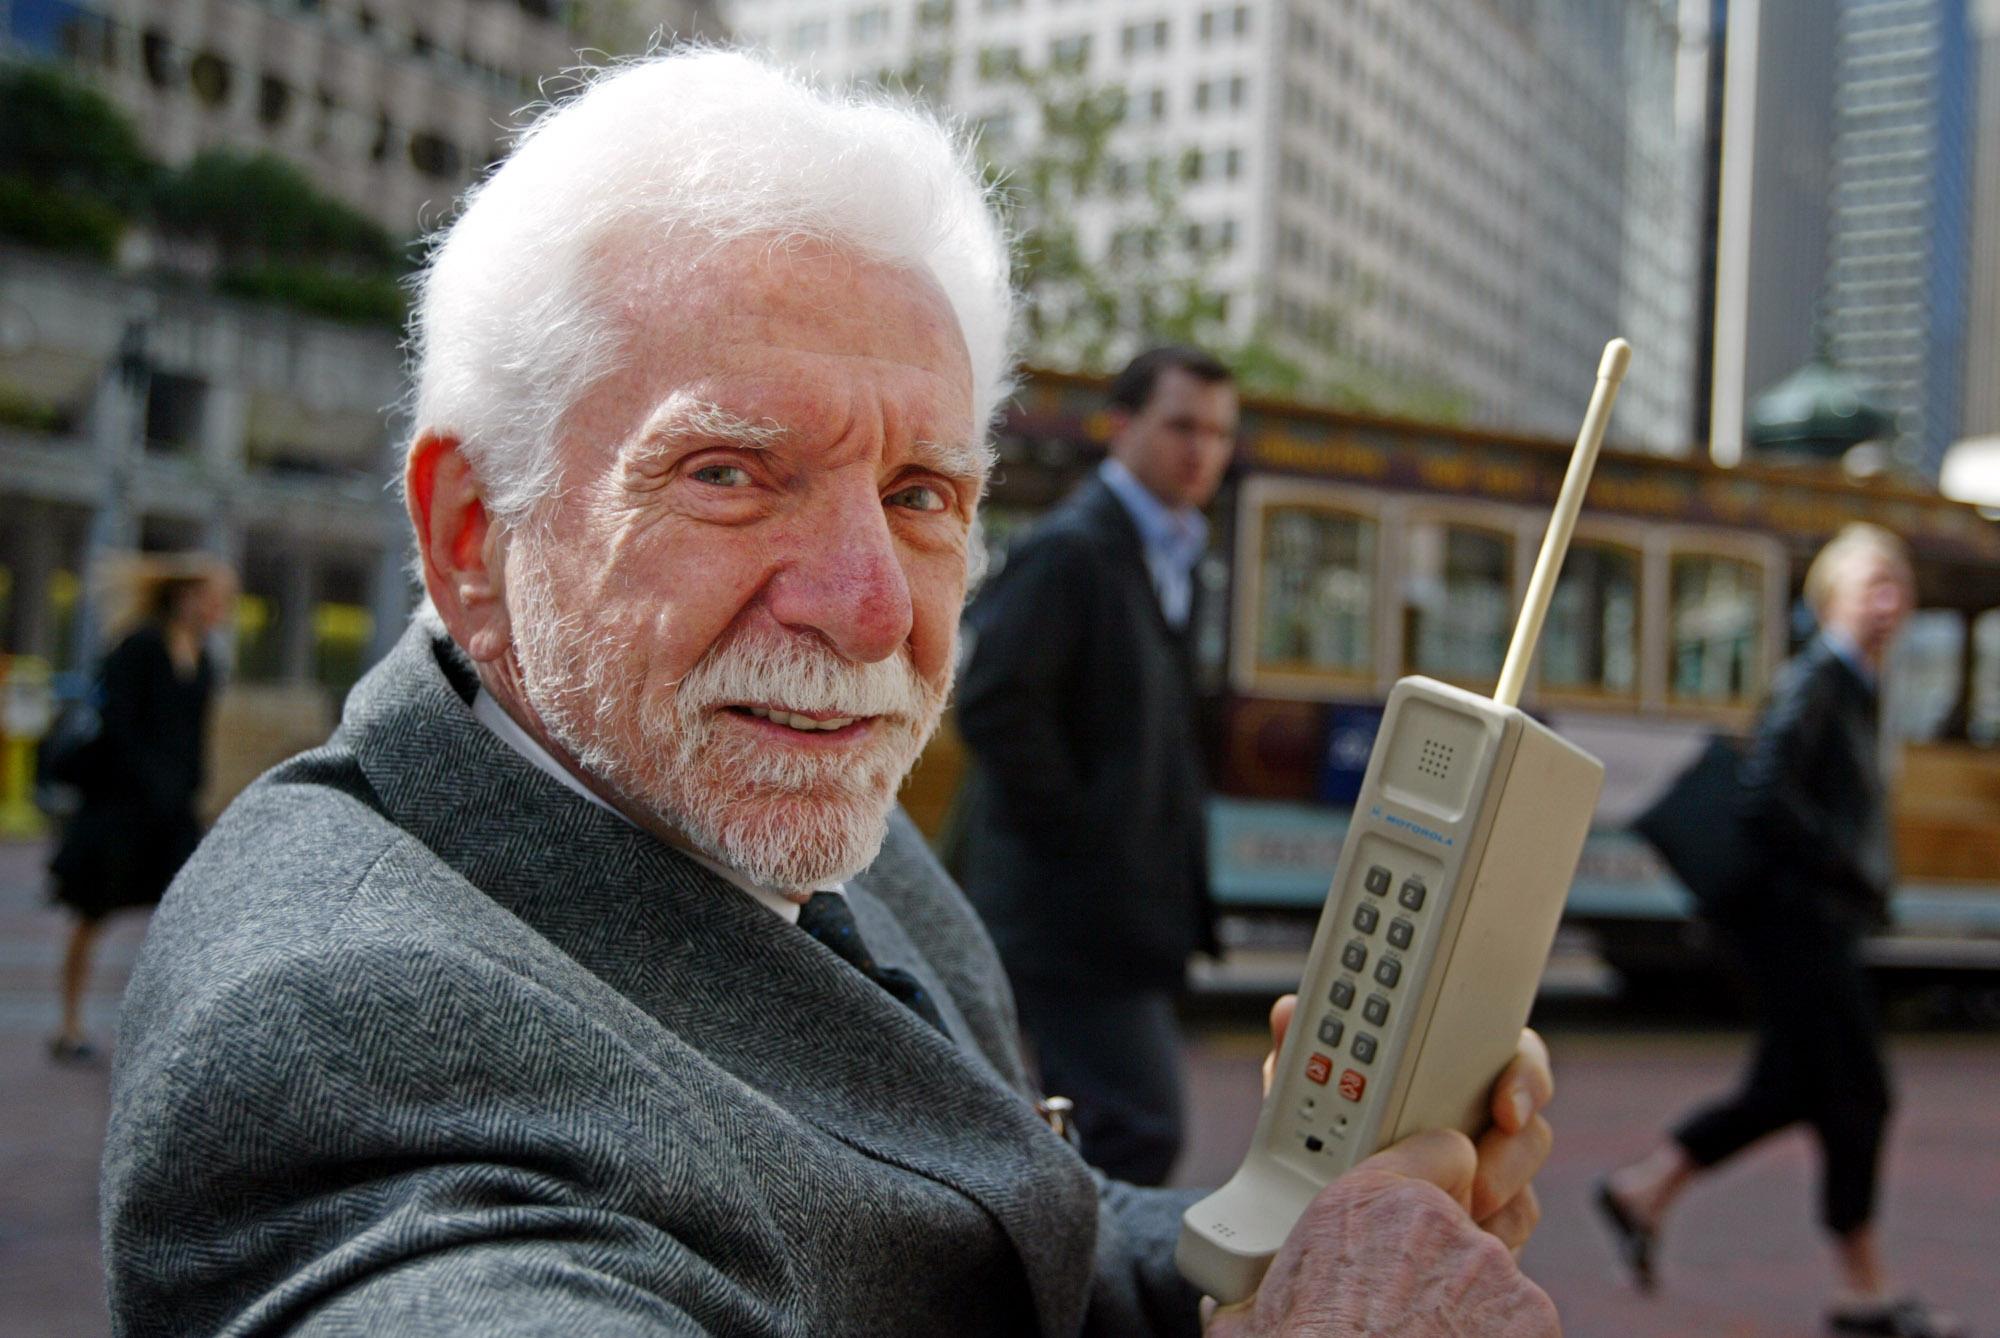 庫柏於2003年4月2日在舊金山的Market Street,展示第一代的 Motorola DynaTAC型手機。(美聯社)